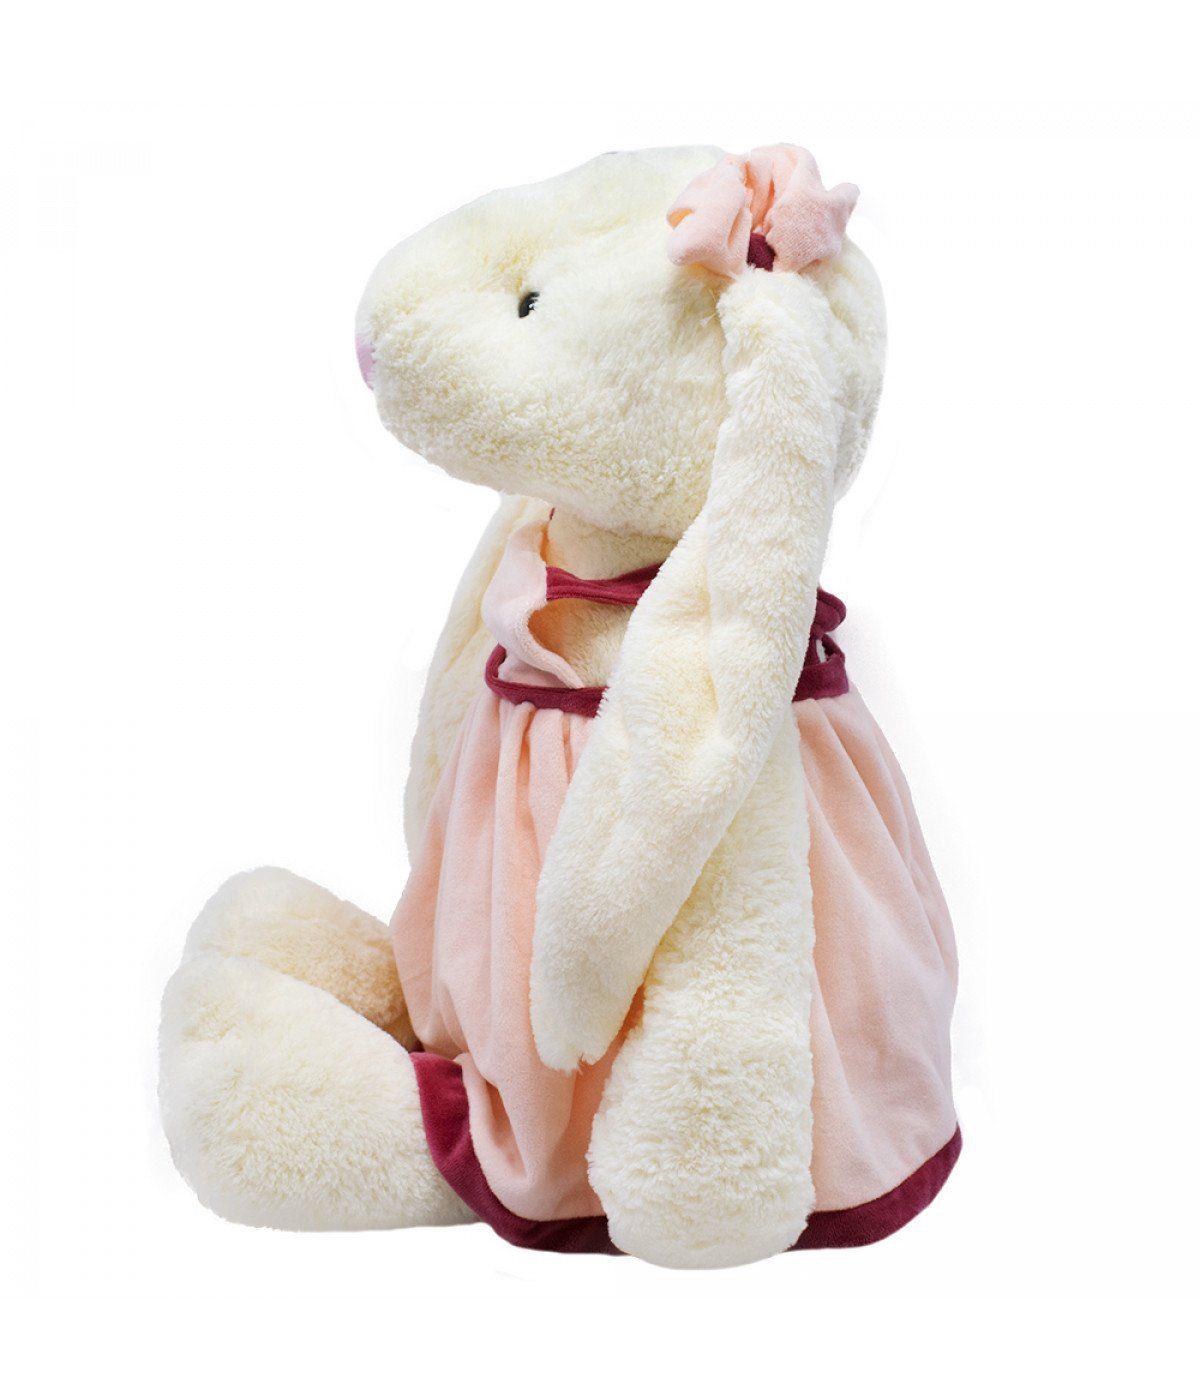 Coelha de Pelúcia Grande com Vestido Rosa